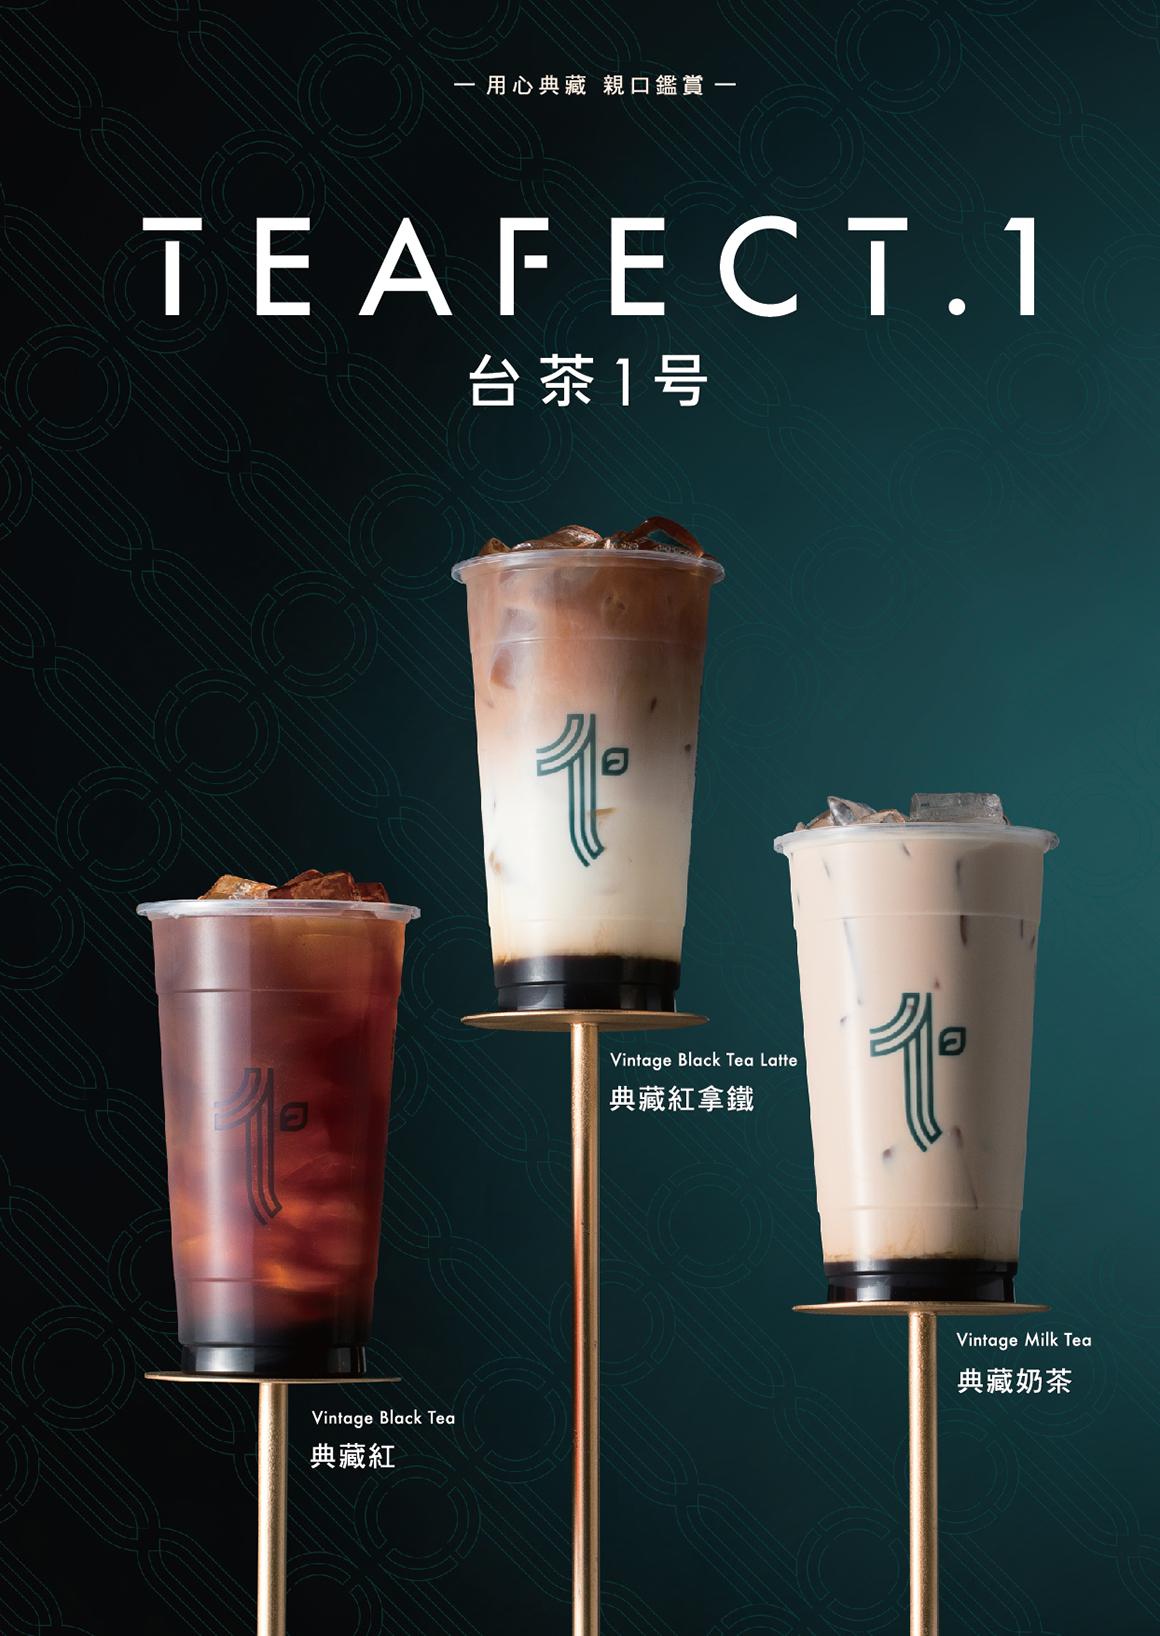 愛貝斯TEAFECT.1-典藏1160-04